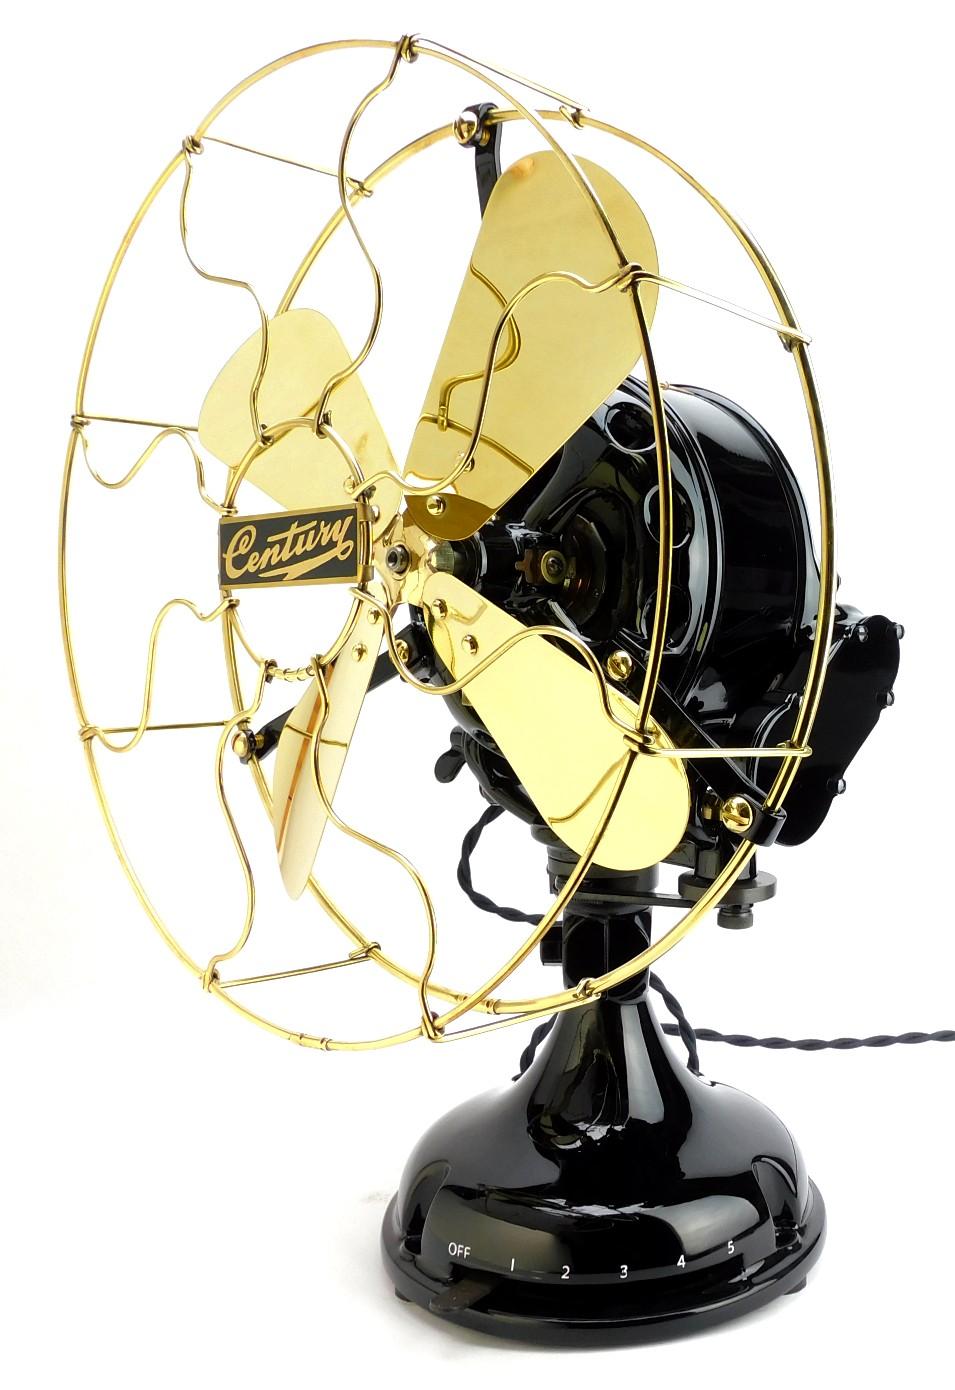 """Circa 1910 Professionally Restored Century S4 12"""" Sidegear Oscillating Desk Fan"""